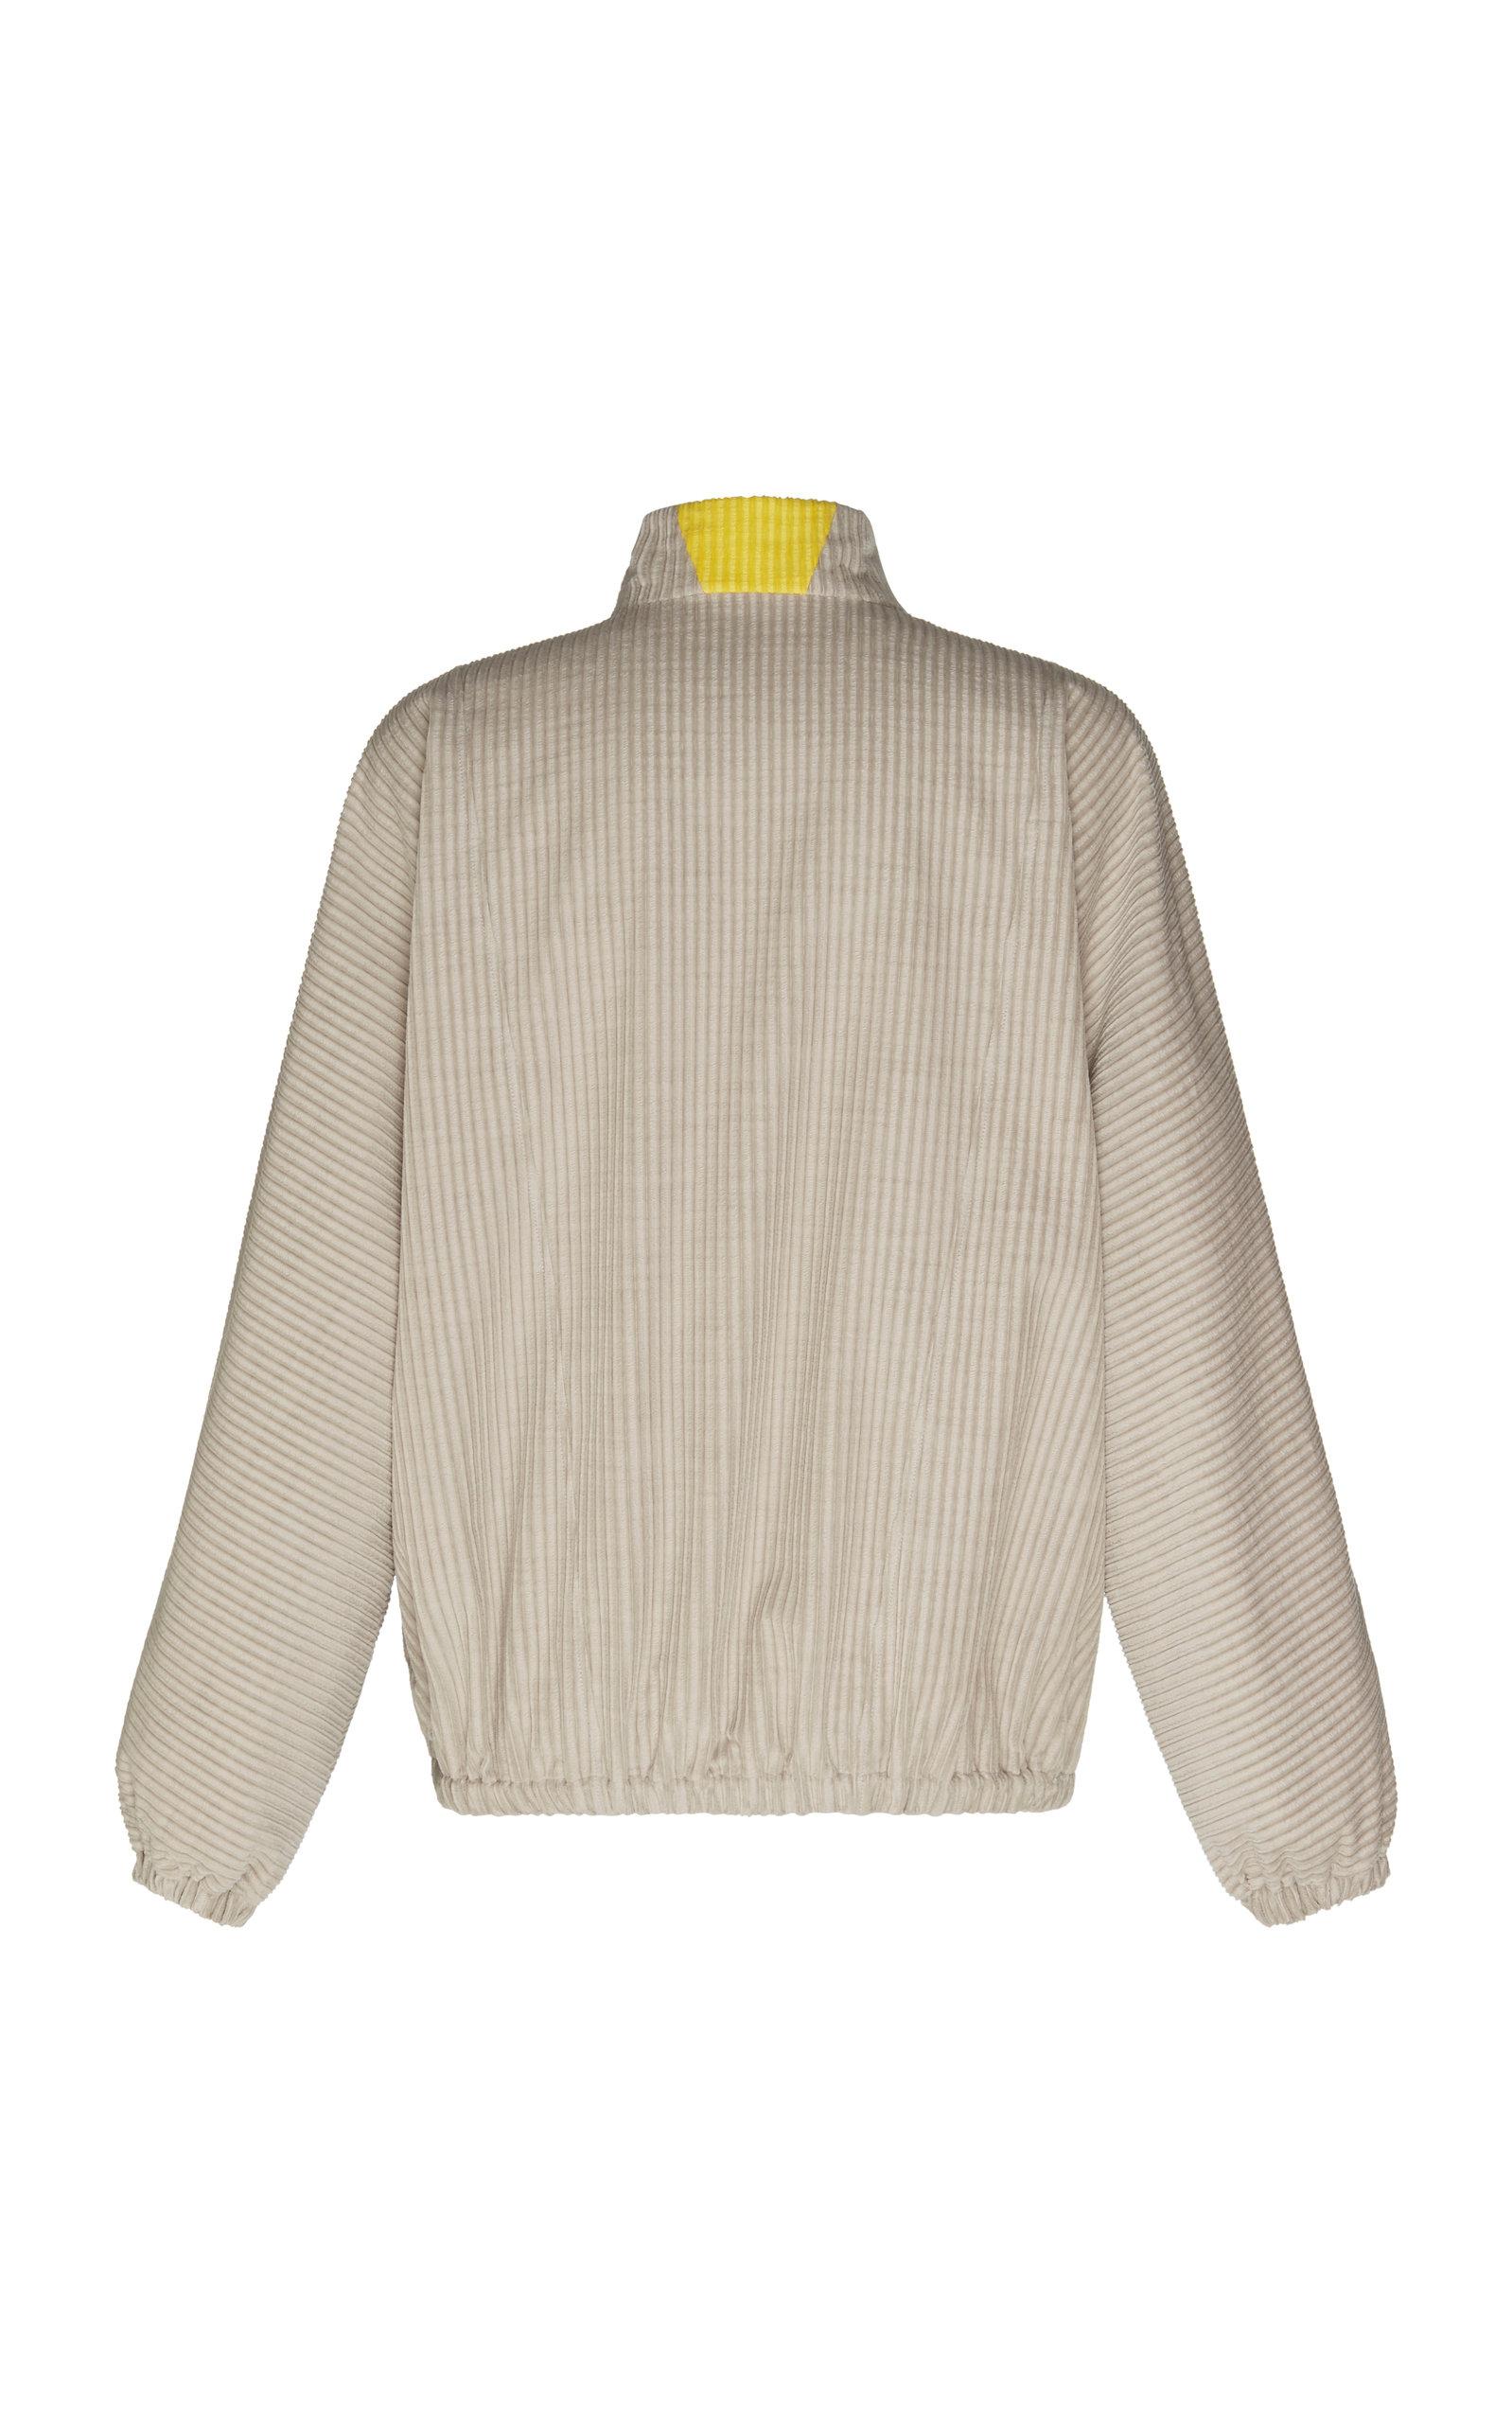 013c87cb00e3 MSGMLight corduroy velvet pullover. CLOSE. Loading. Loading